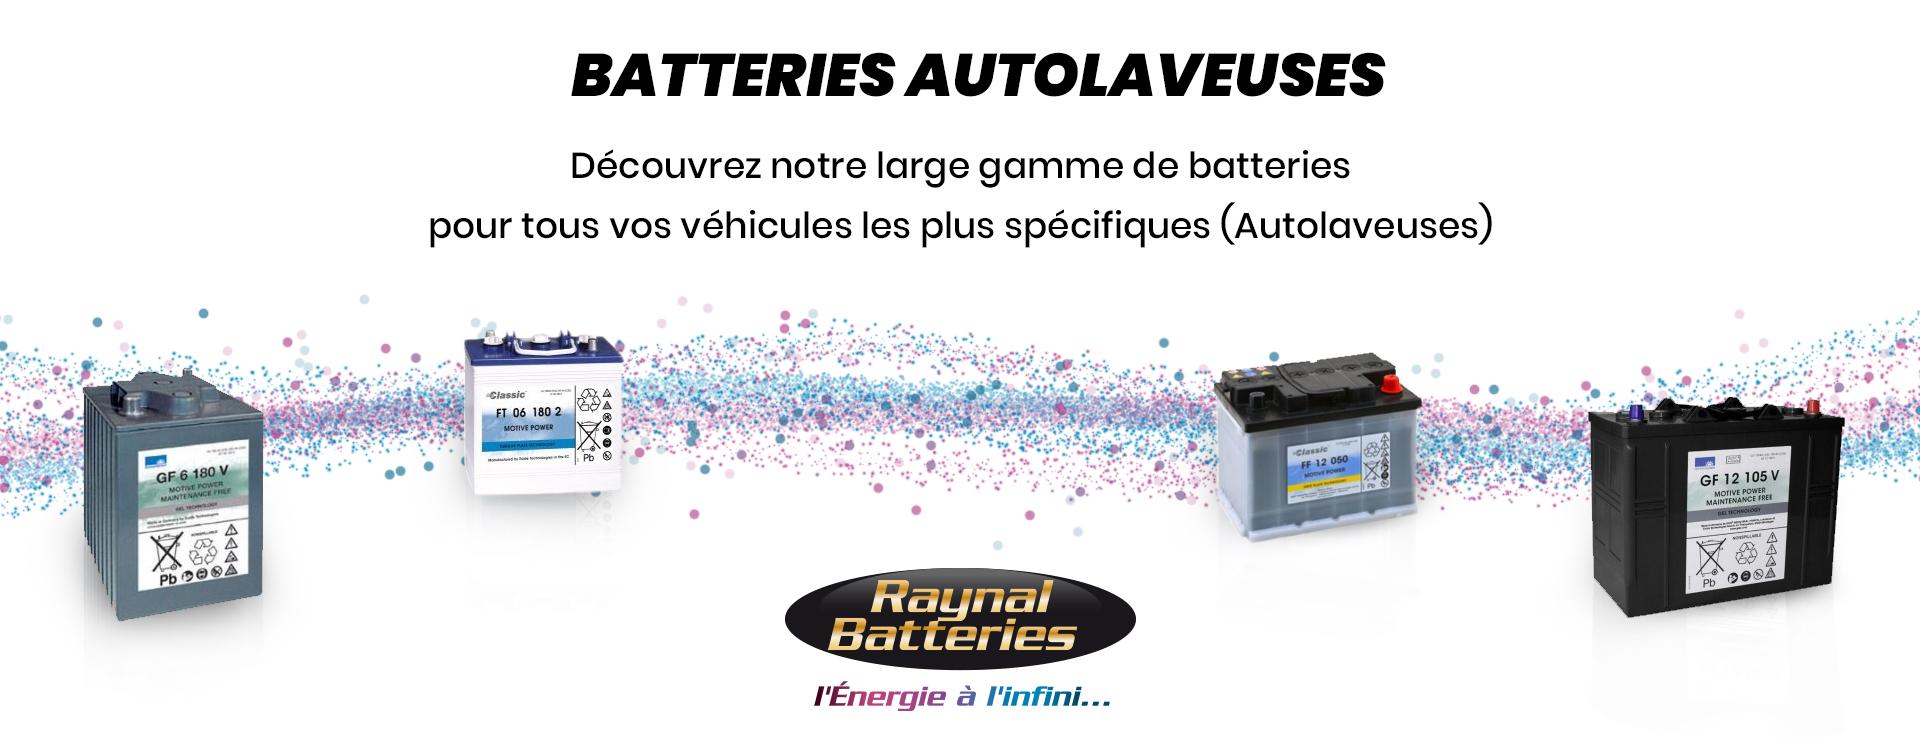 Batteries autolaveuses